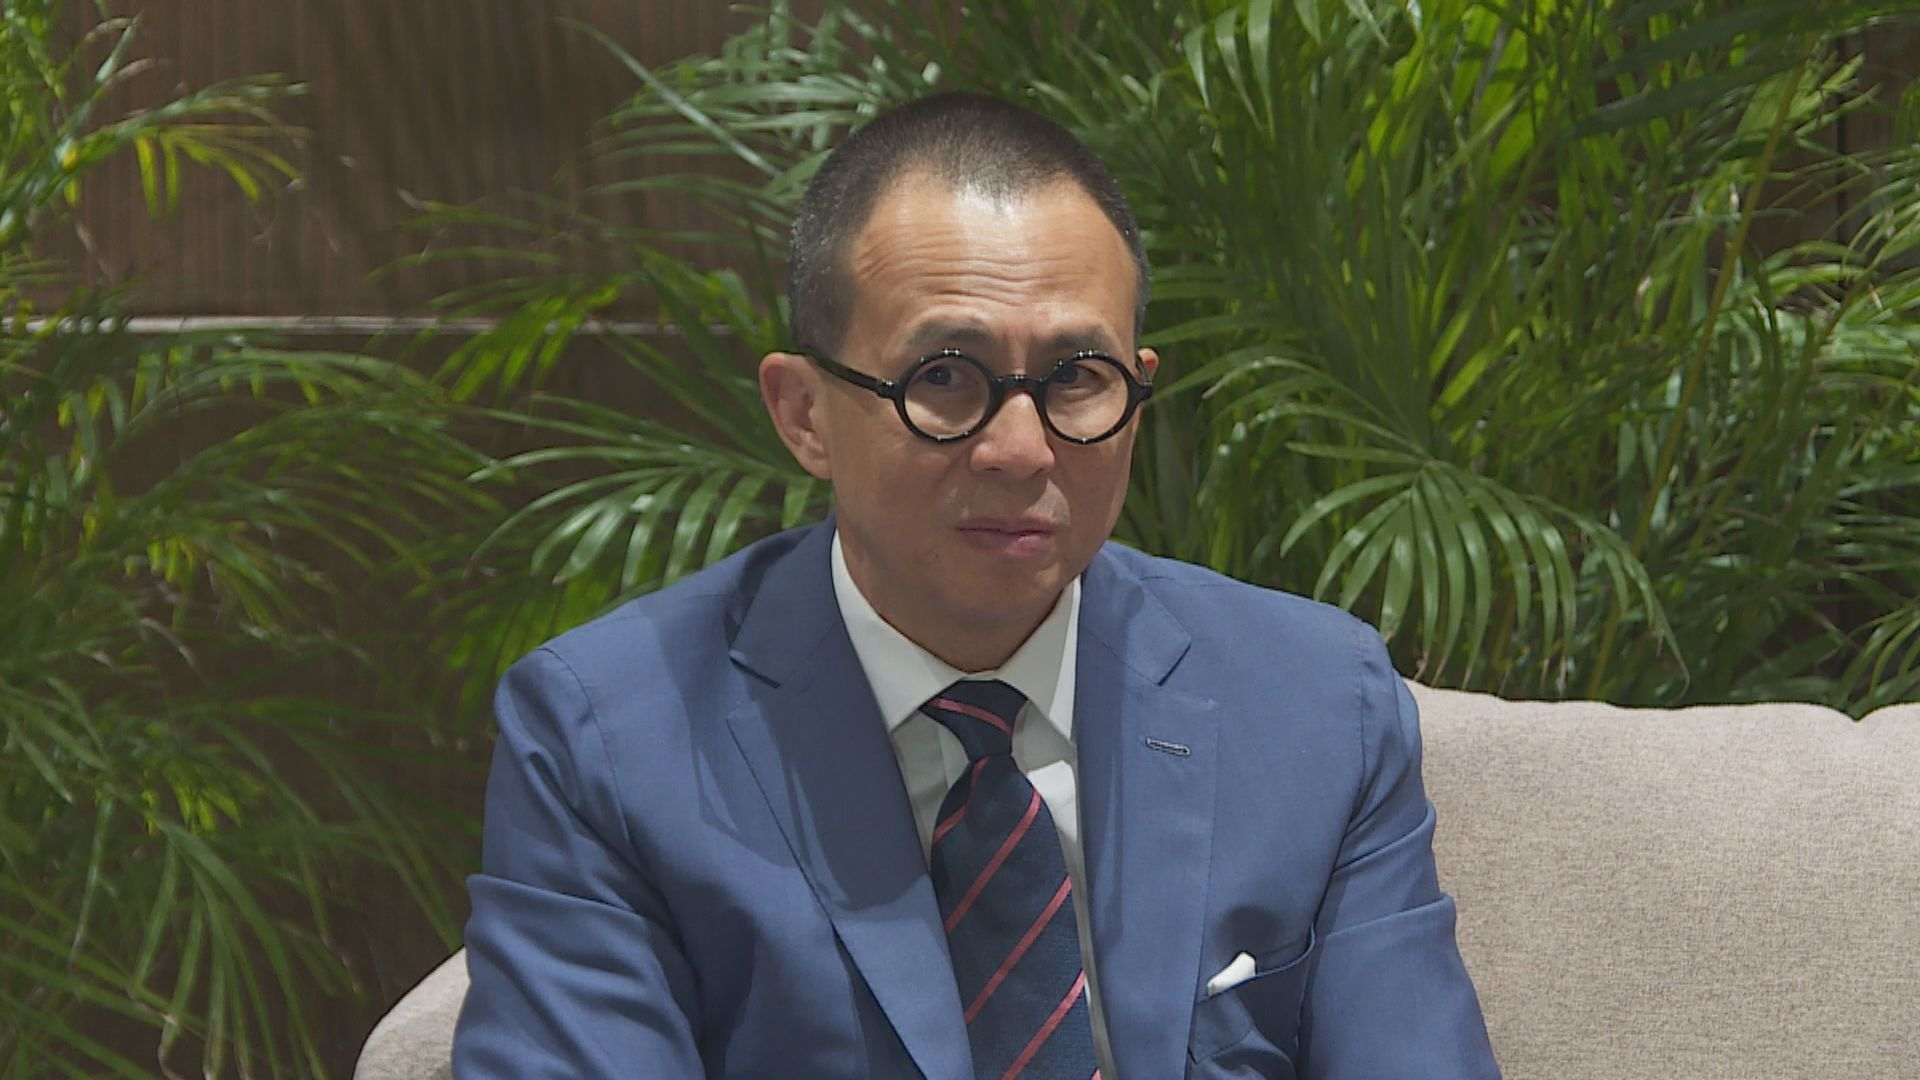 消息︰長和資深顧問李嘉誠不參選選委 次子李澤楷參選